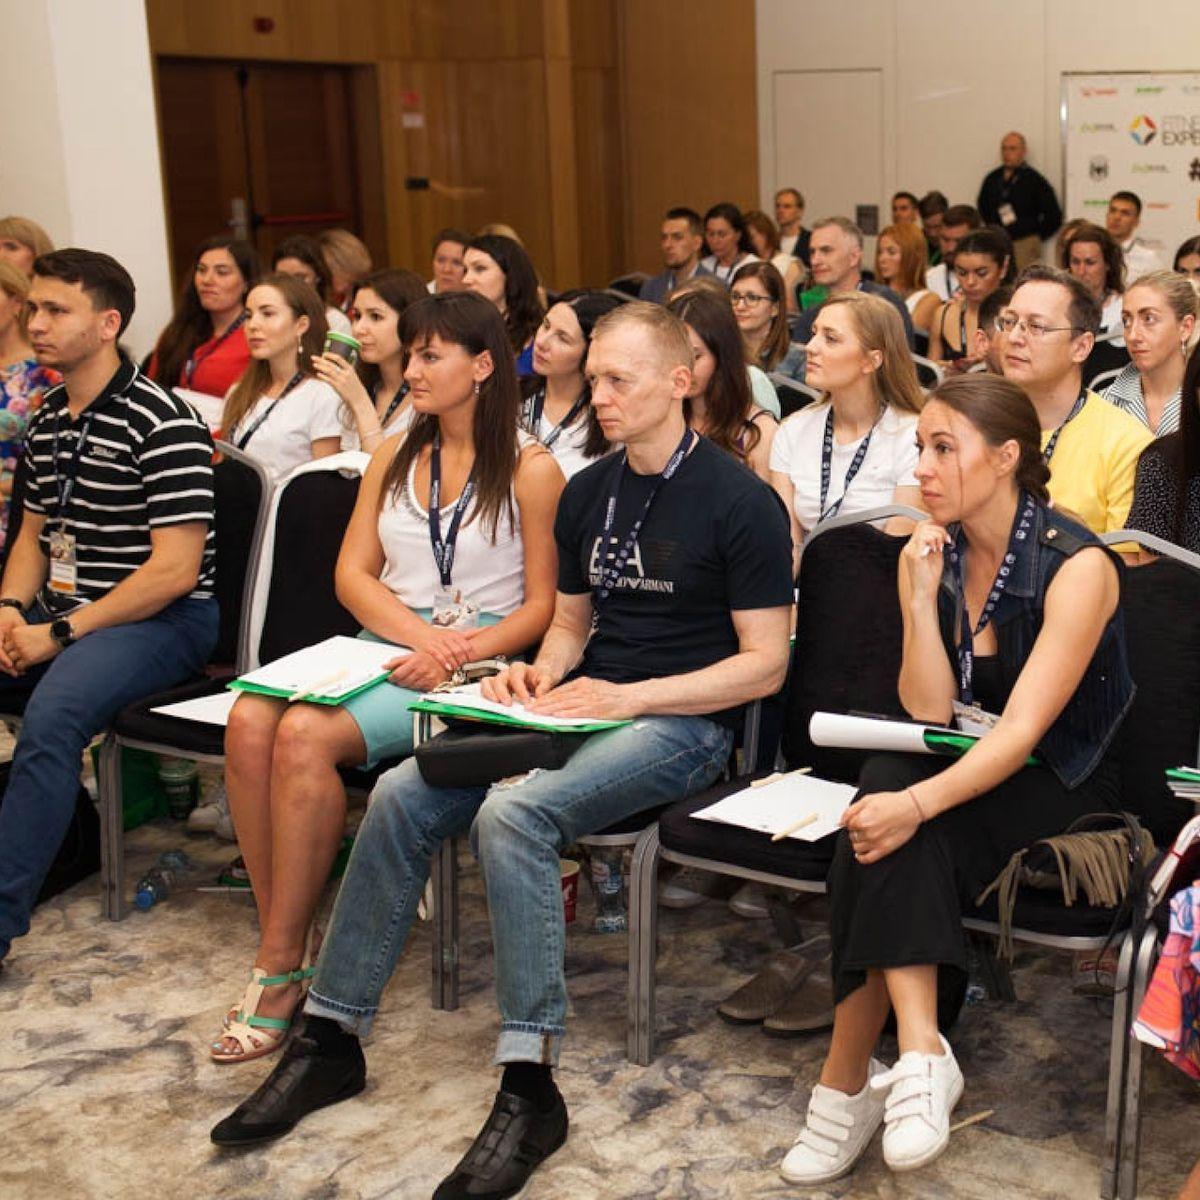 в Новосибирске прошел отраслевой бизнес-форум Global Fitness Russia